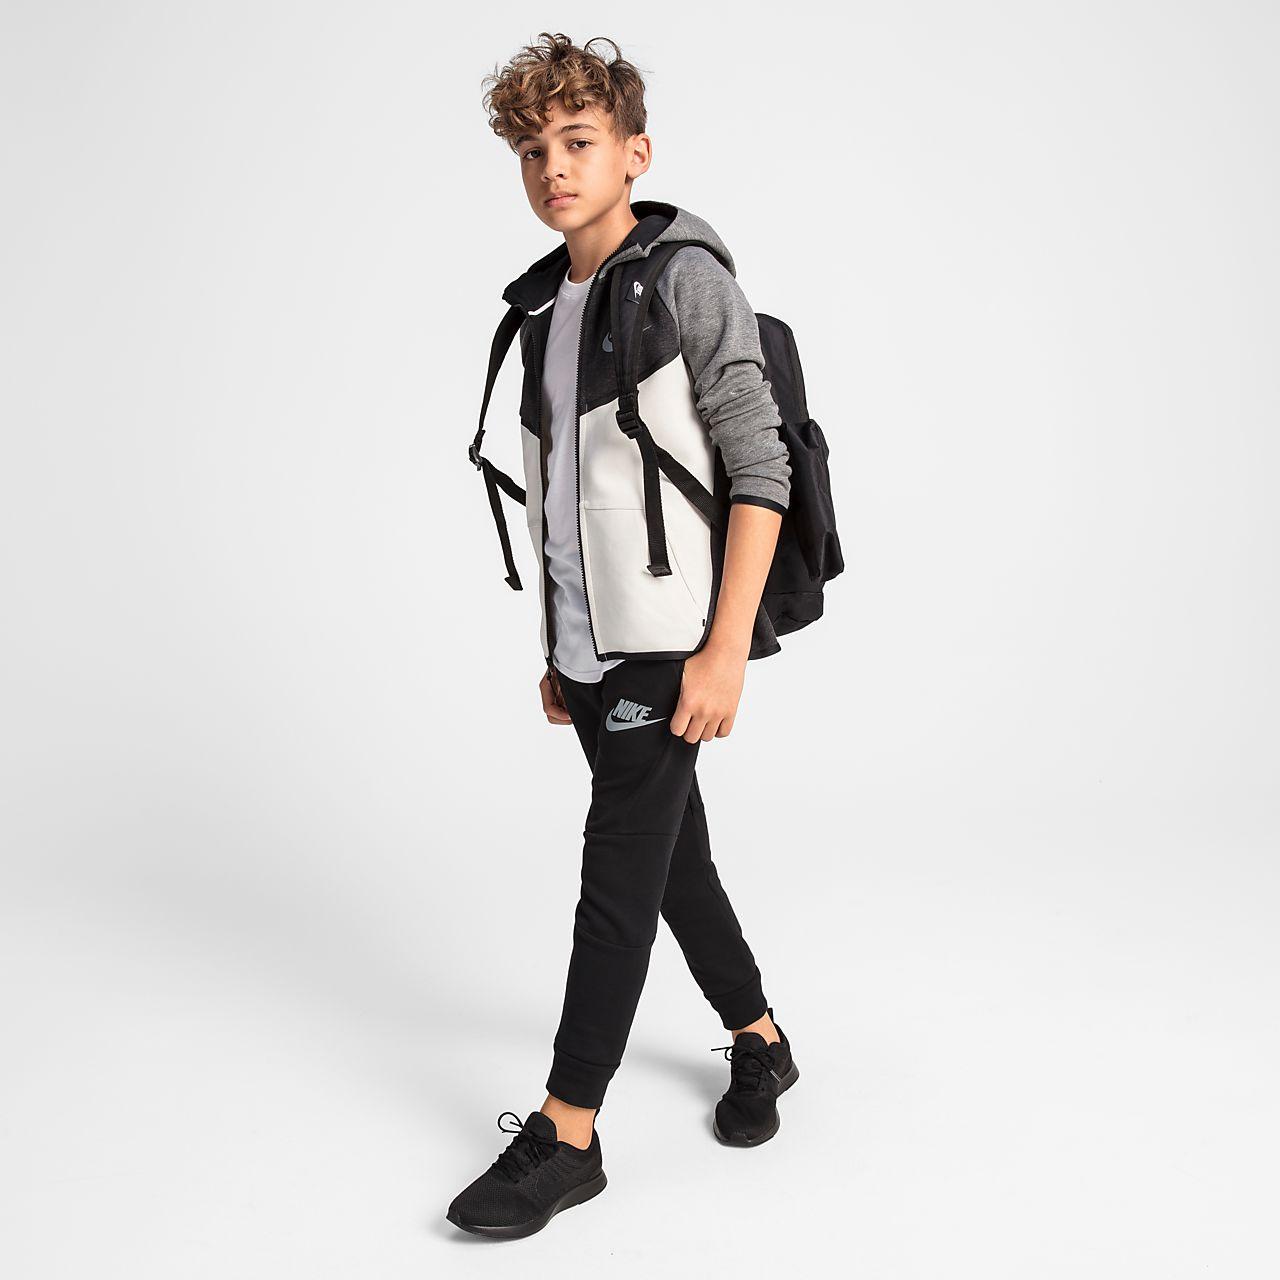 9fc484bf8453 Nike Kids' Backpack